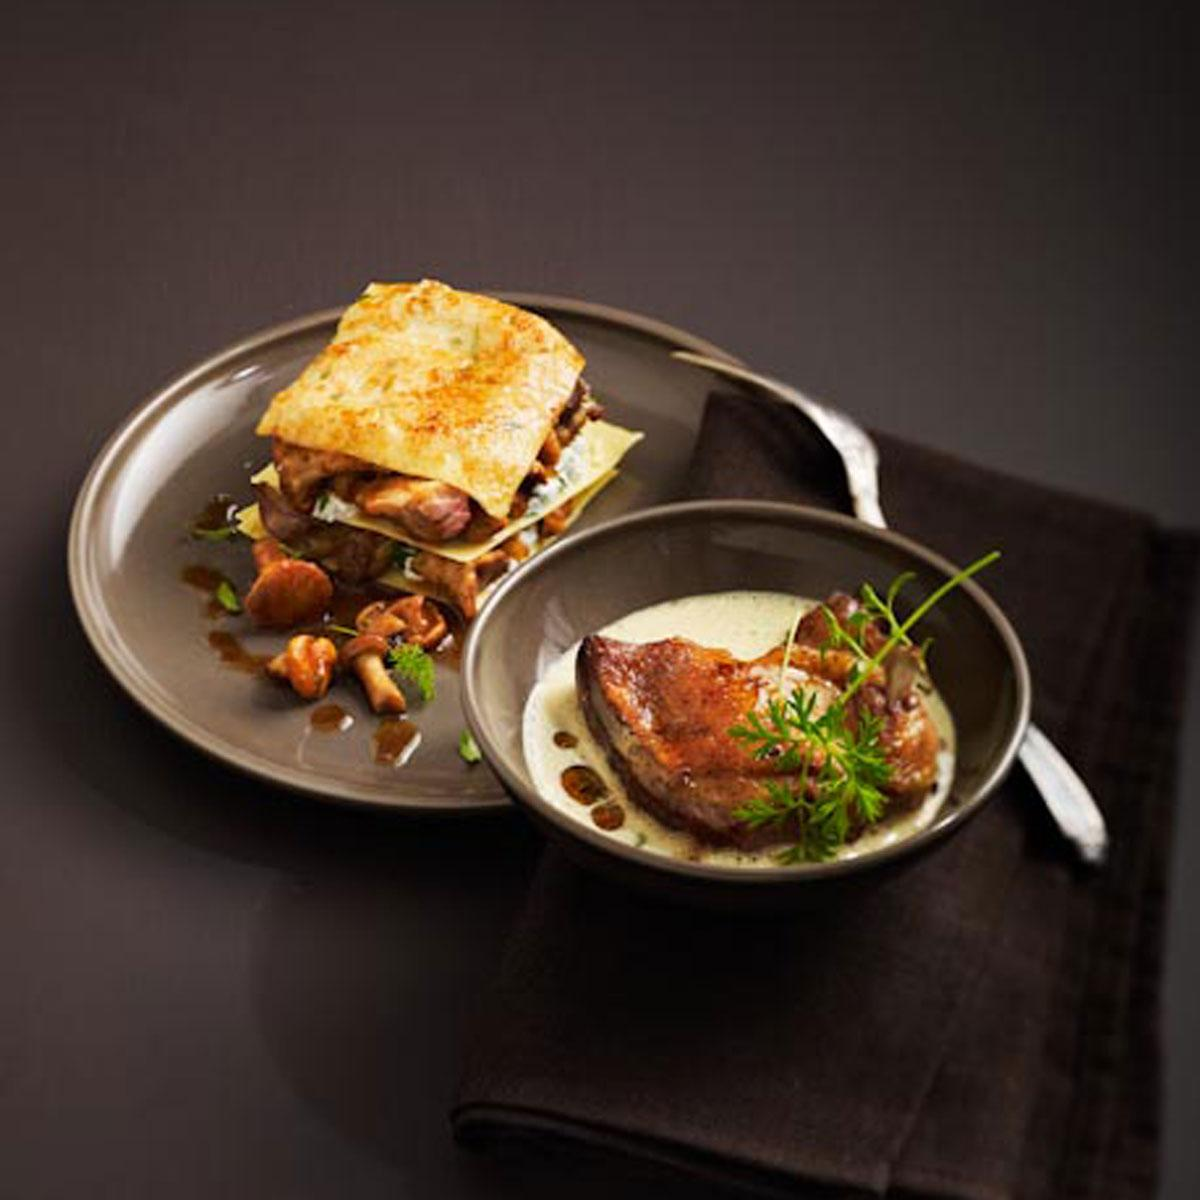 Meilleur de pigeon r ti jus de persil plat une recette - Les meilleurs sites de recettes de cuisine ...